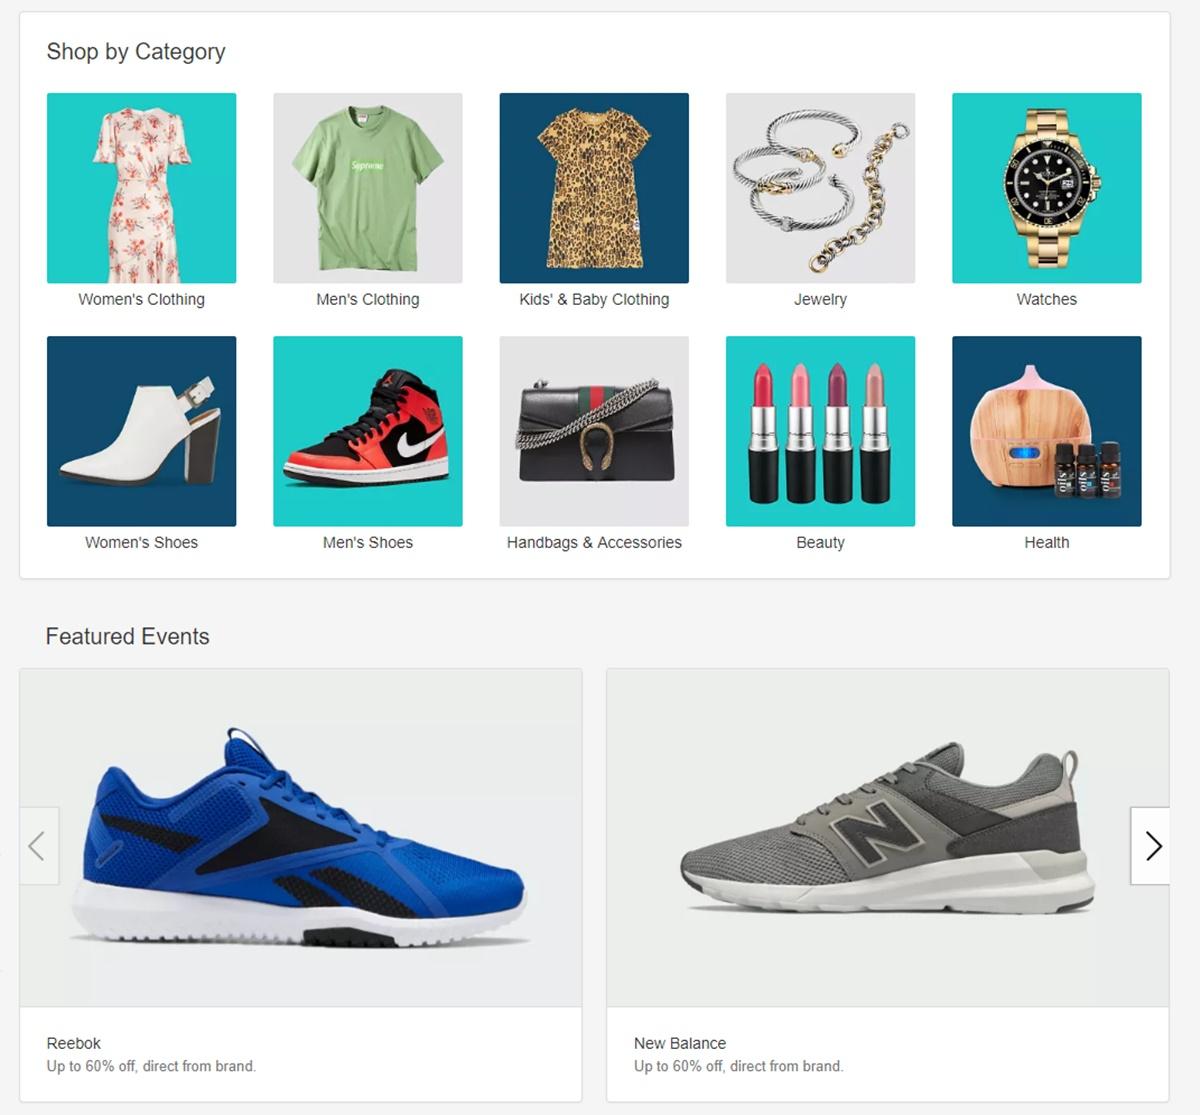 Fashion items on eBay